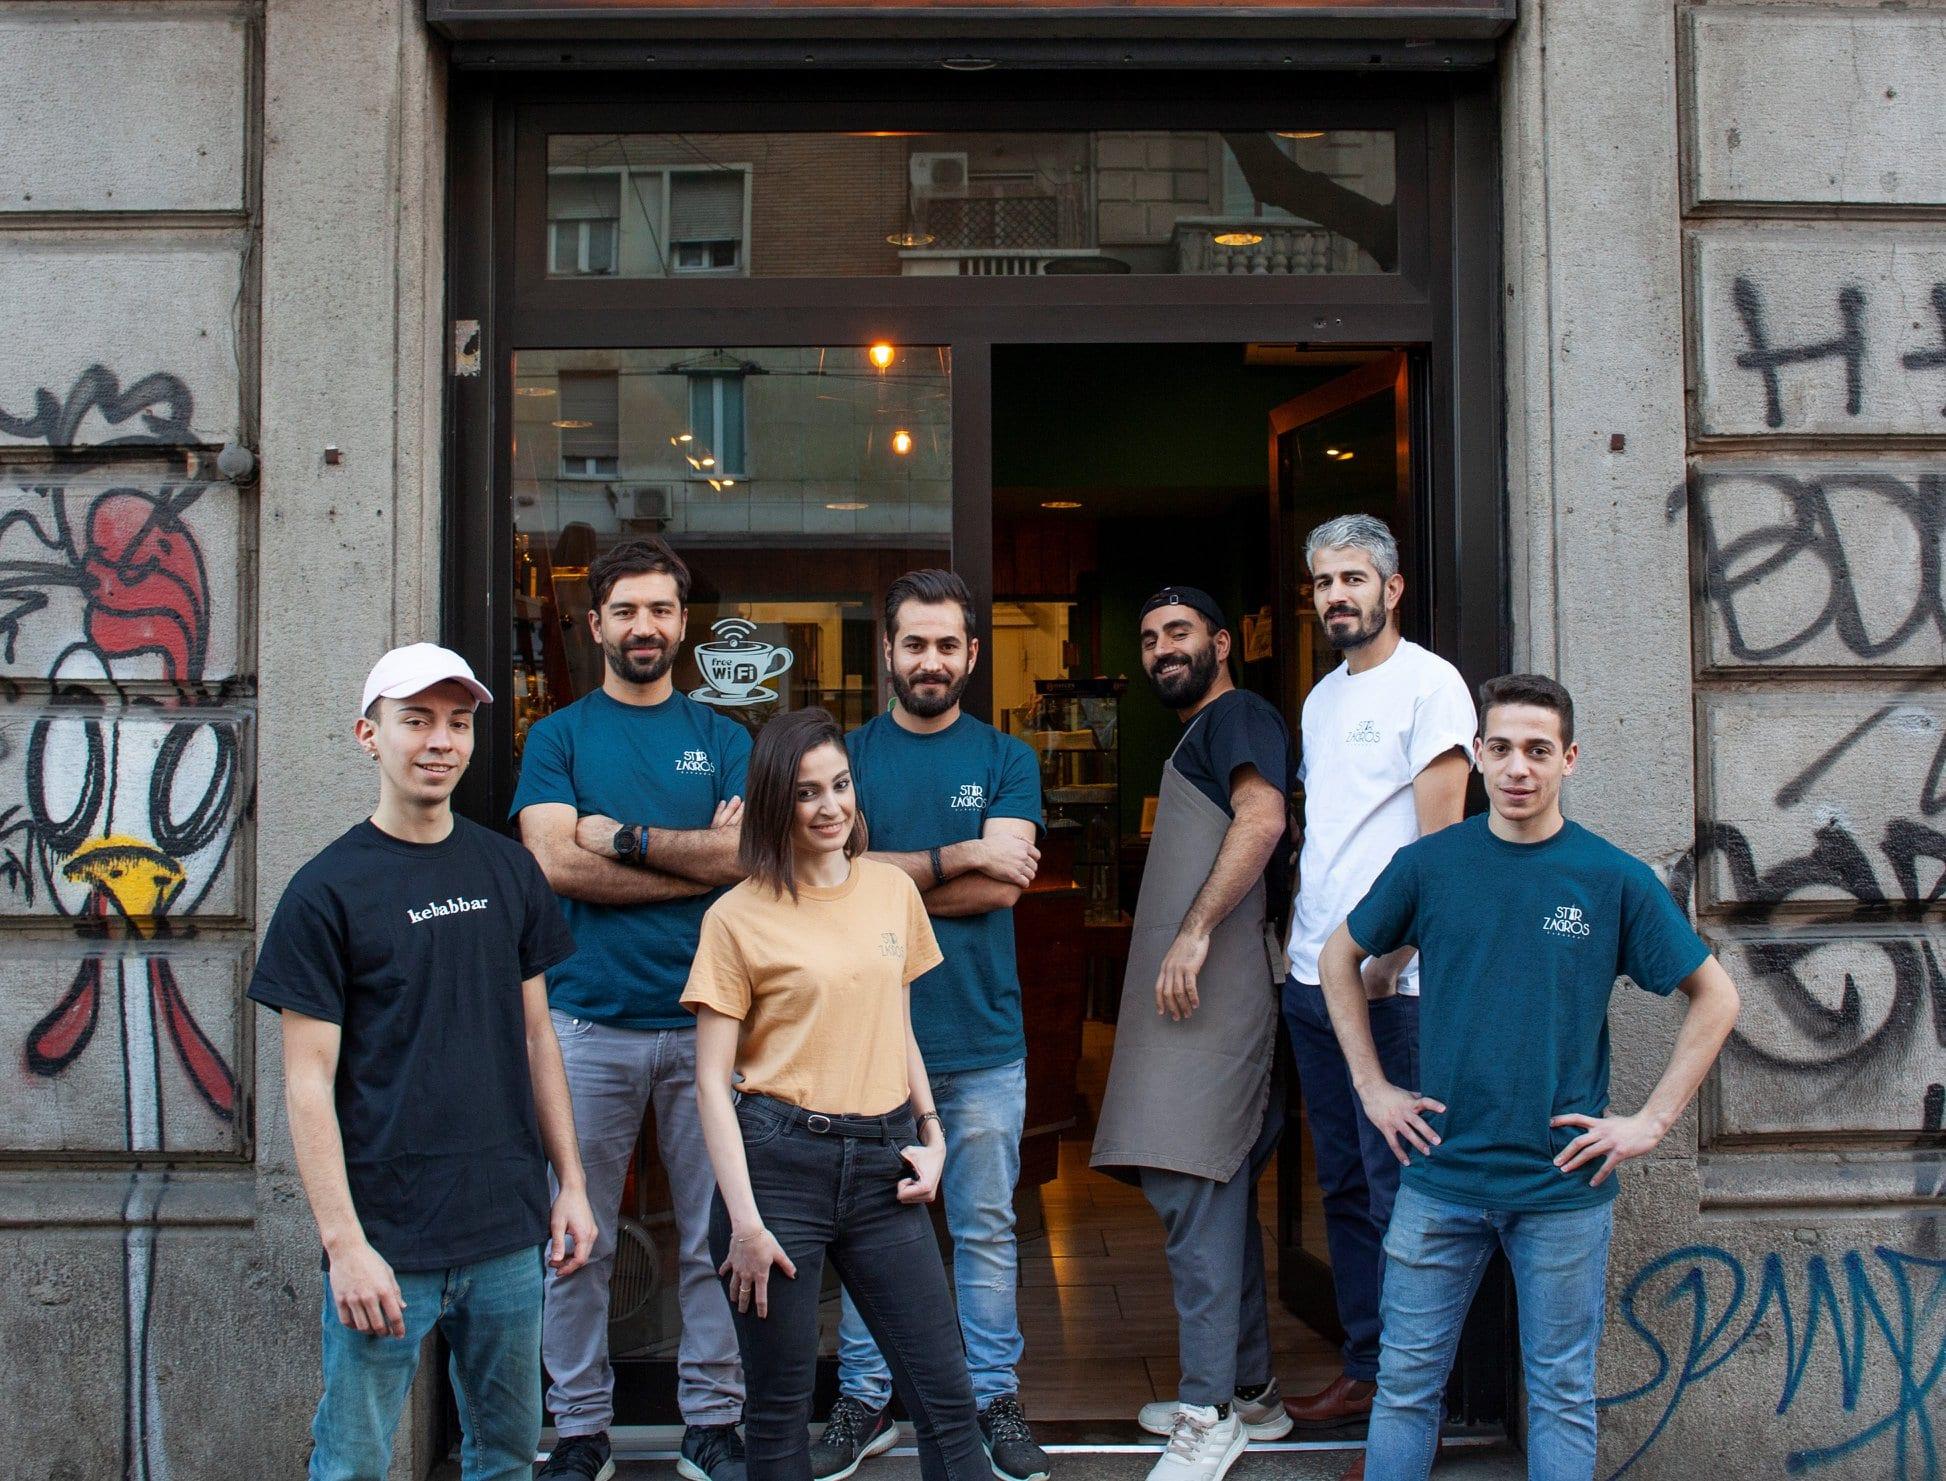 Team di Kebabbar a Milano